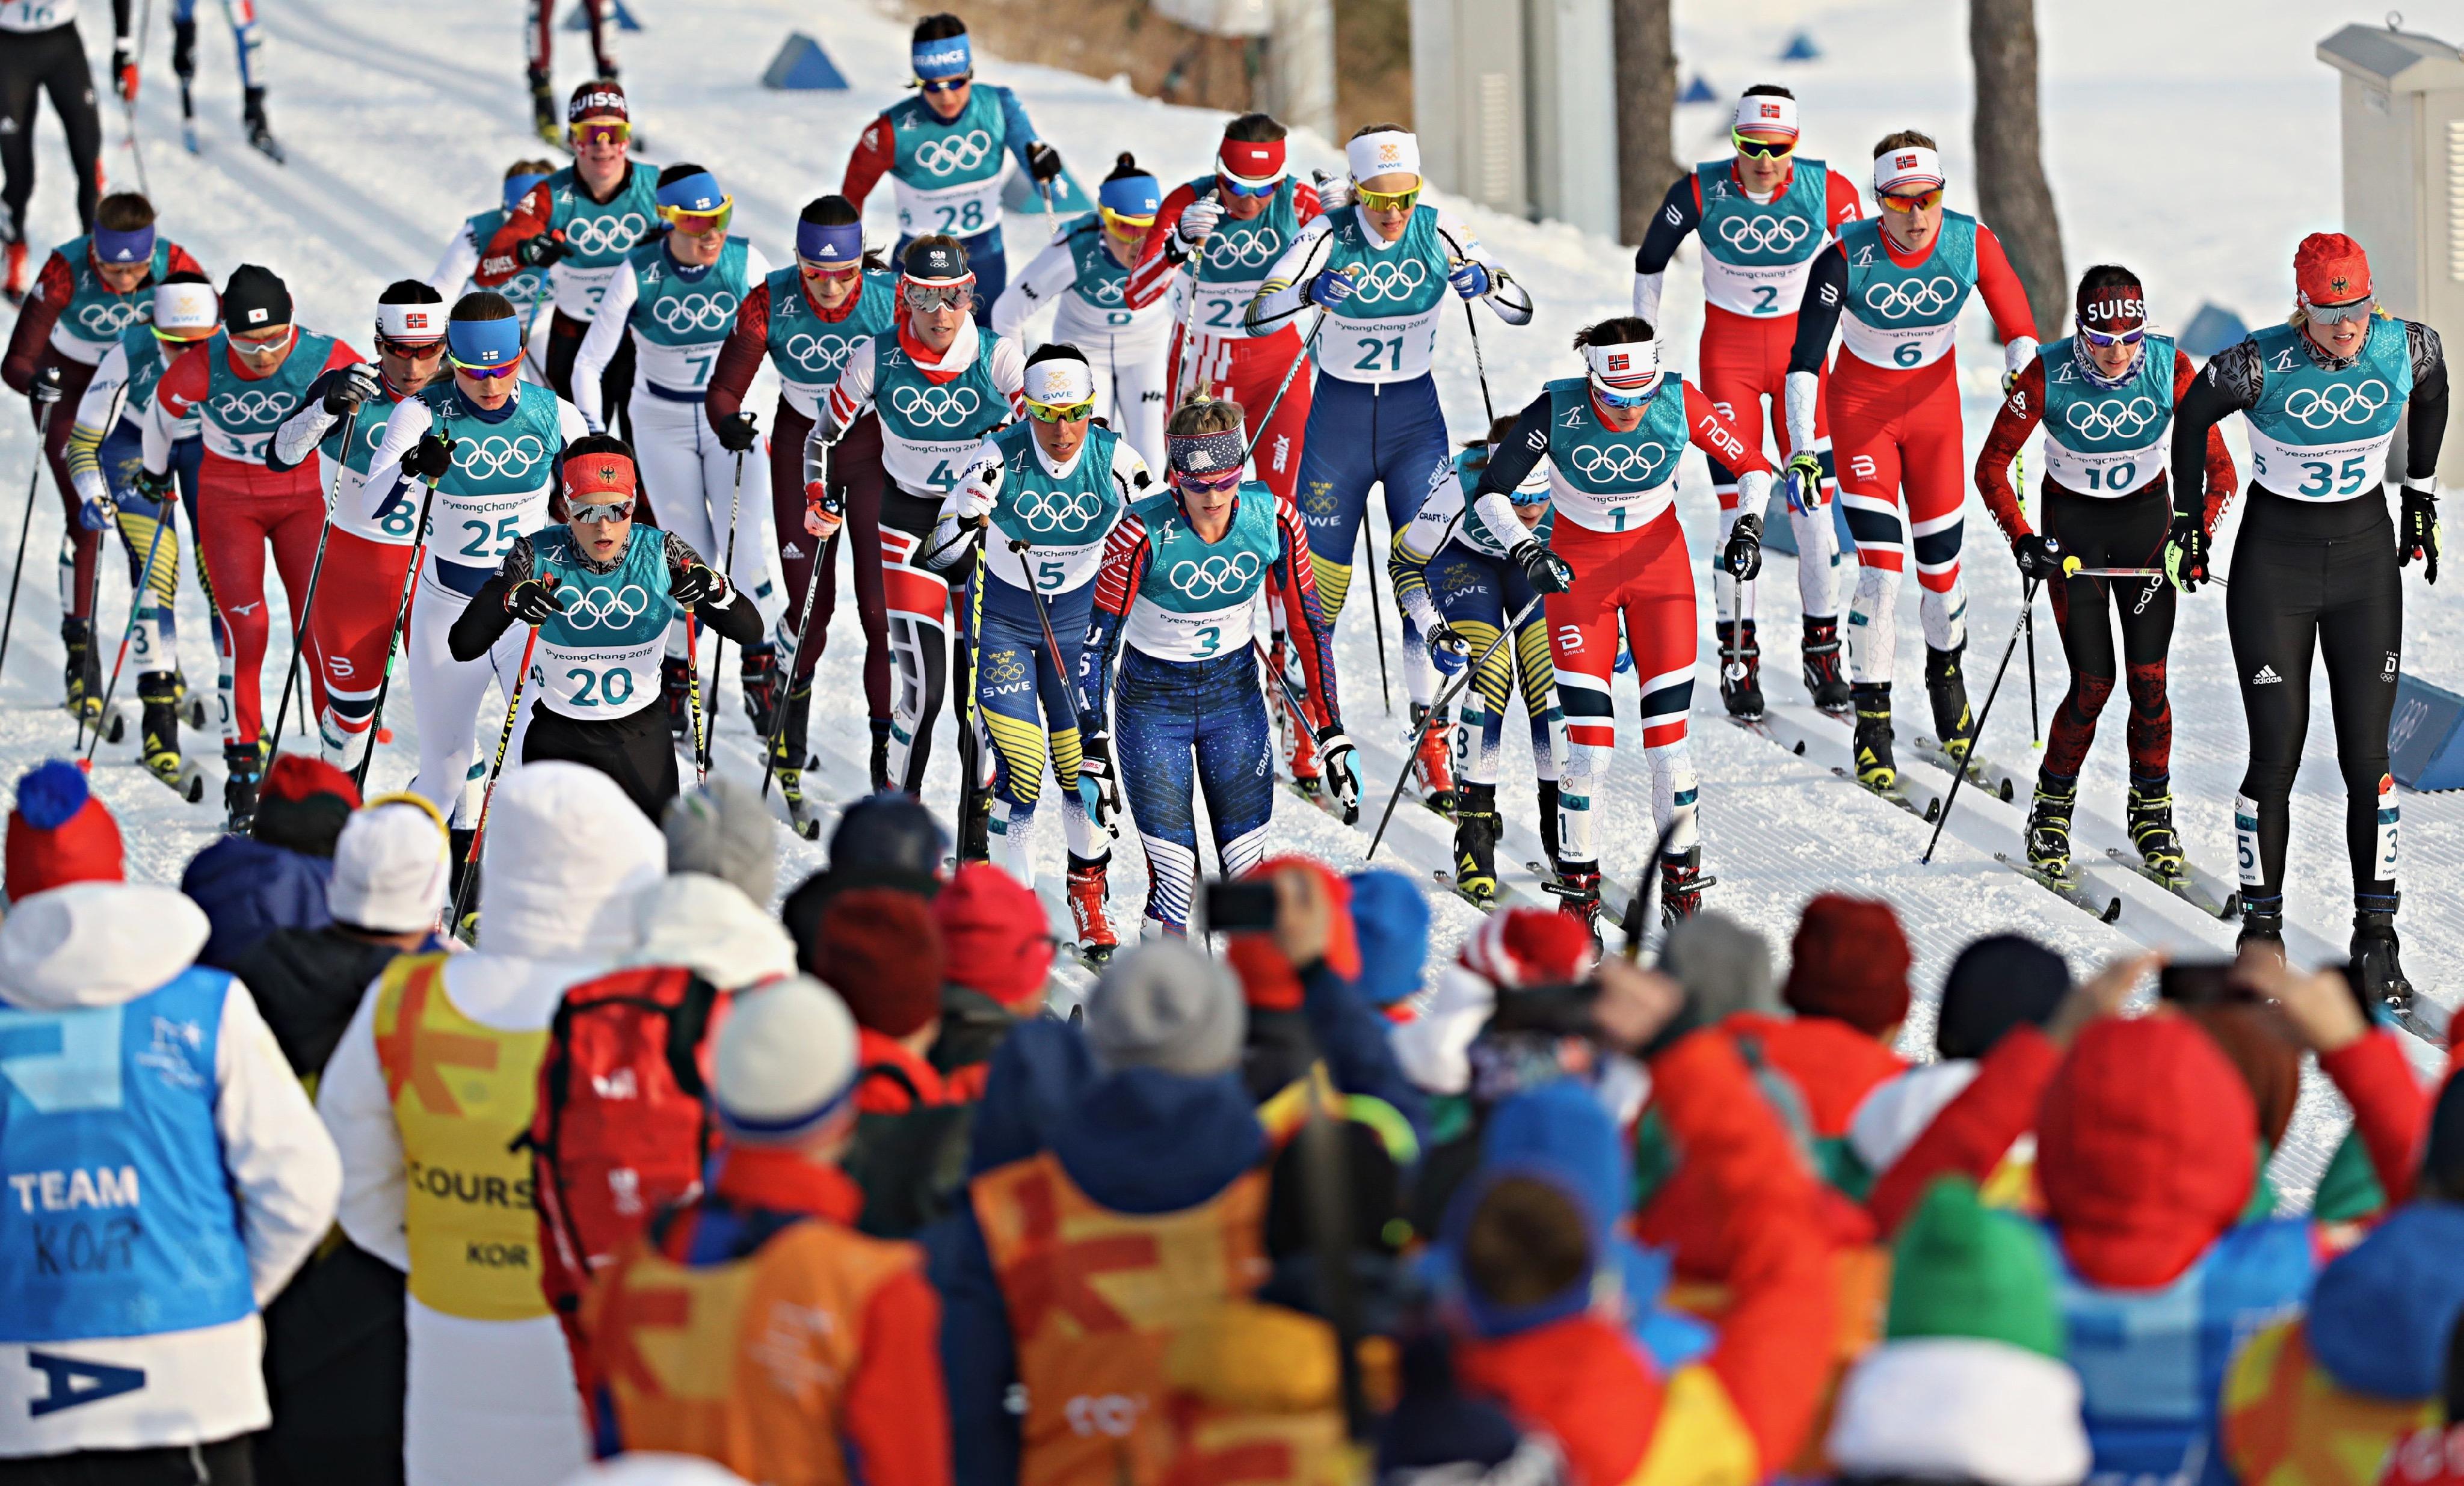 Le skiathlon féminin.